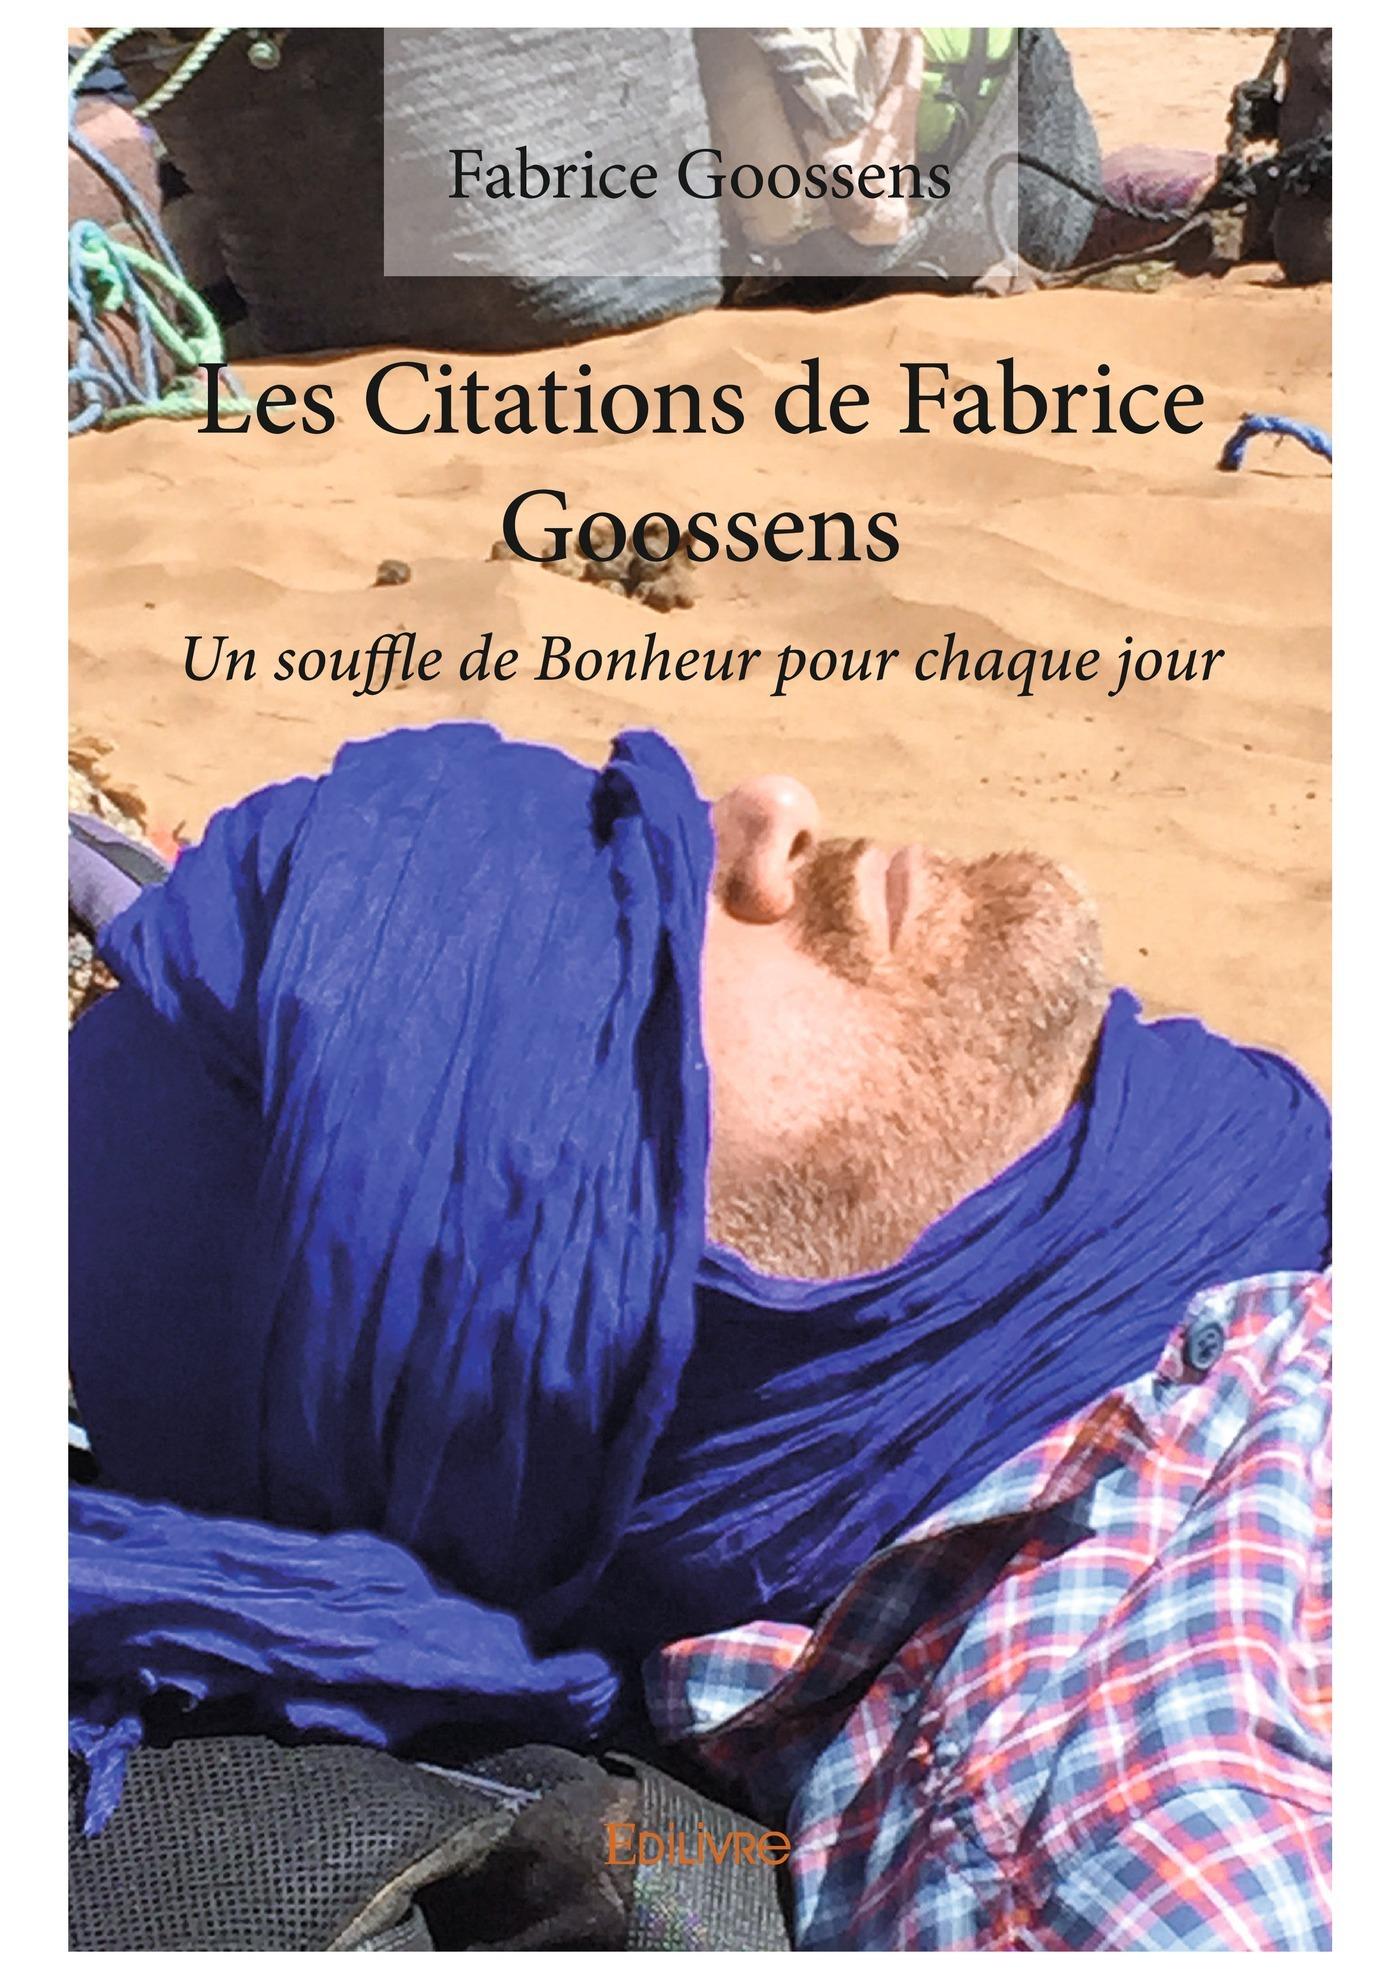 Les citations de Fabrice Goossens ; un souffle de bonheur pour chaque jour